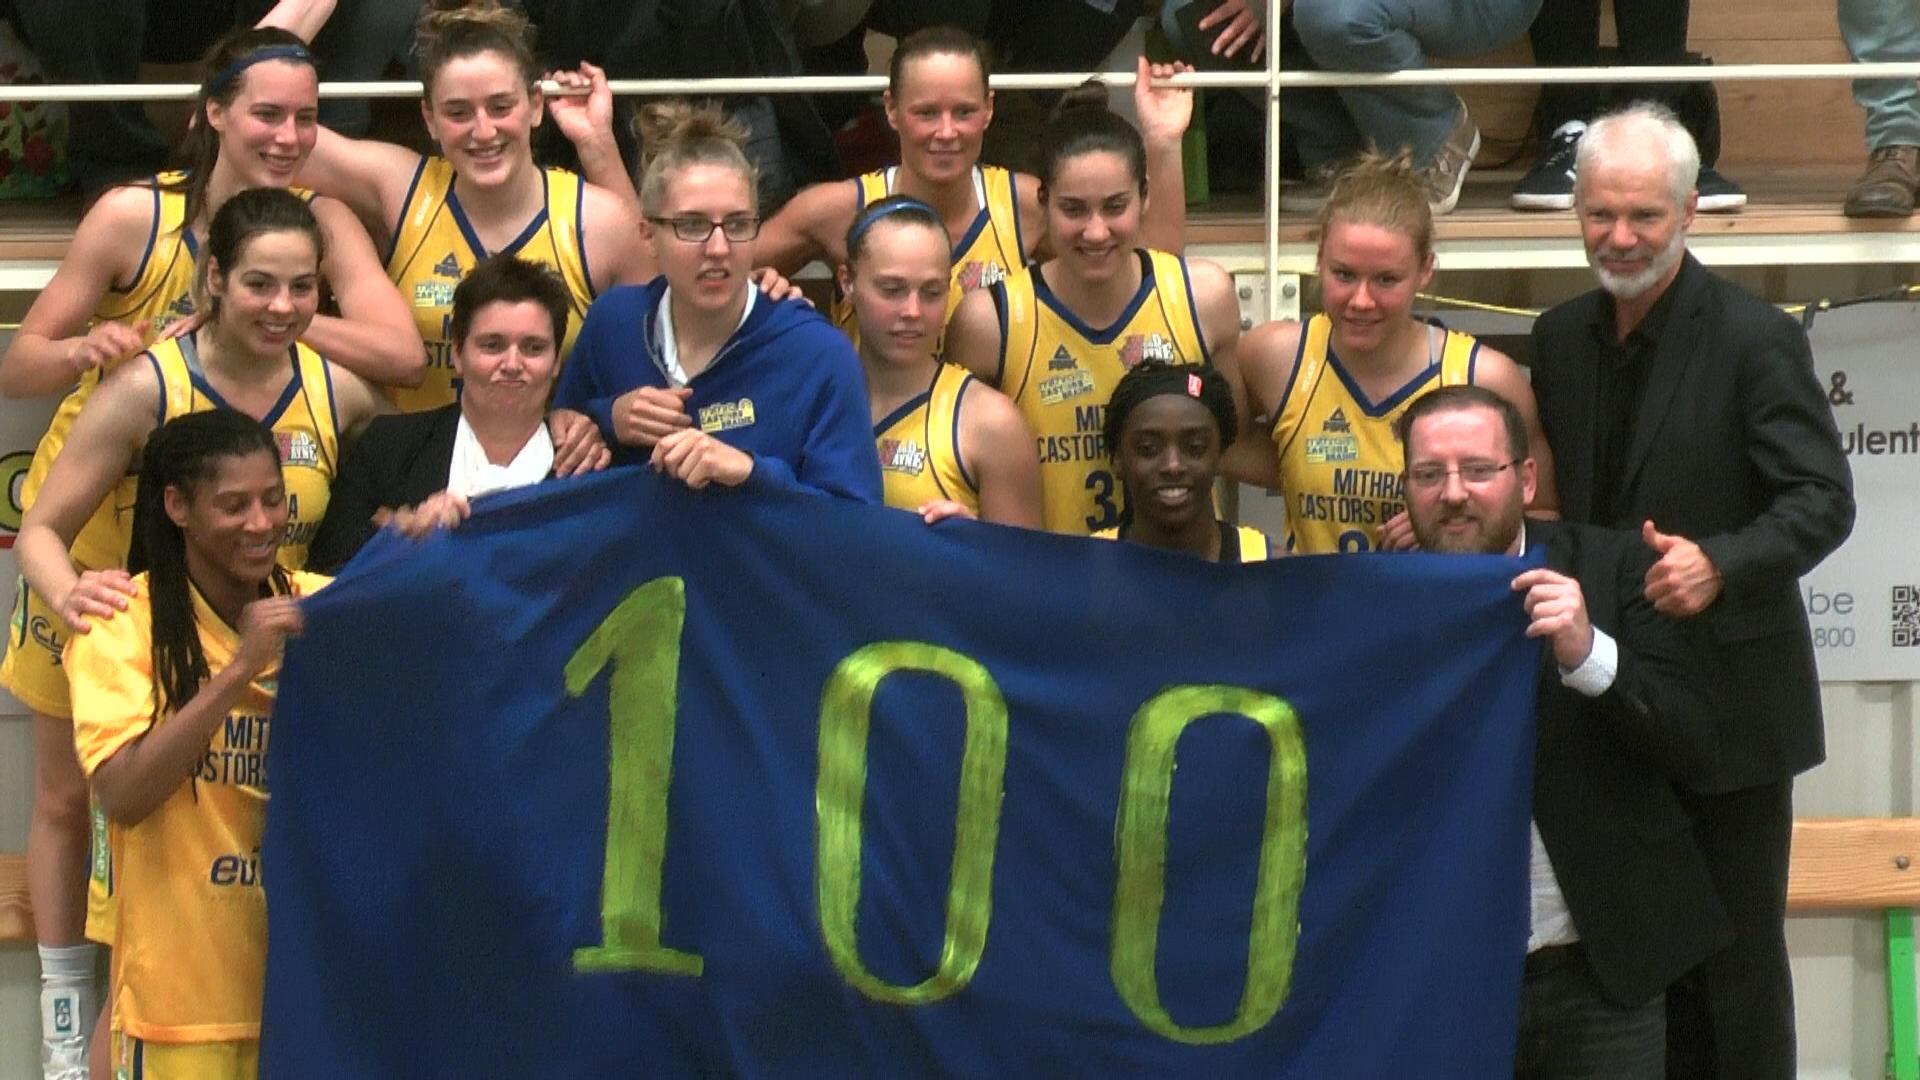 La 100e pour Mithra Castors Braine qui rejoint Kangoeroes en finale